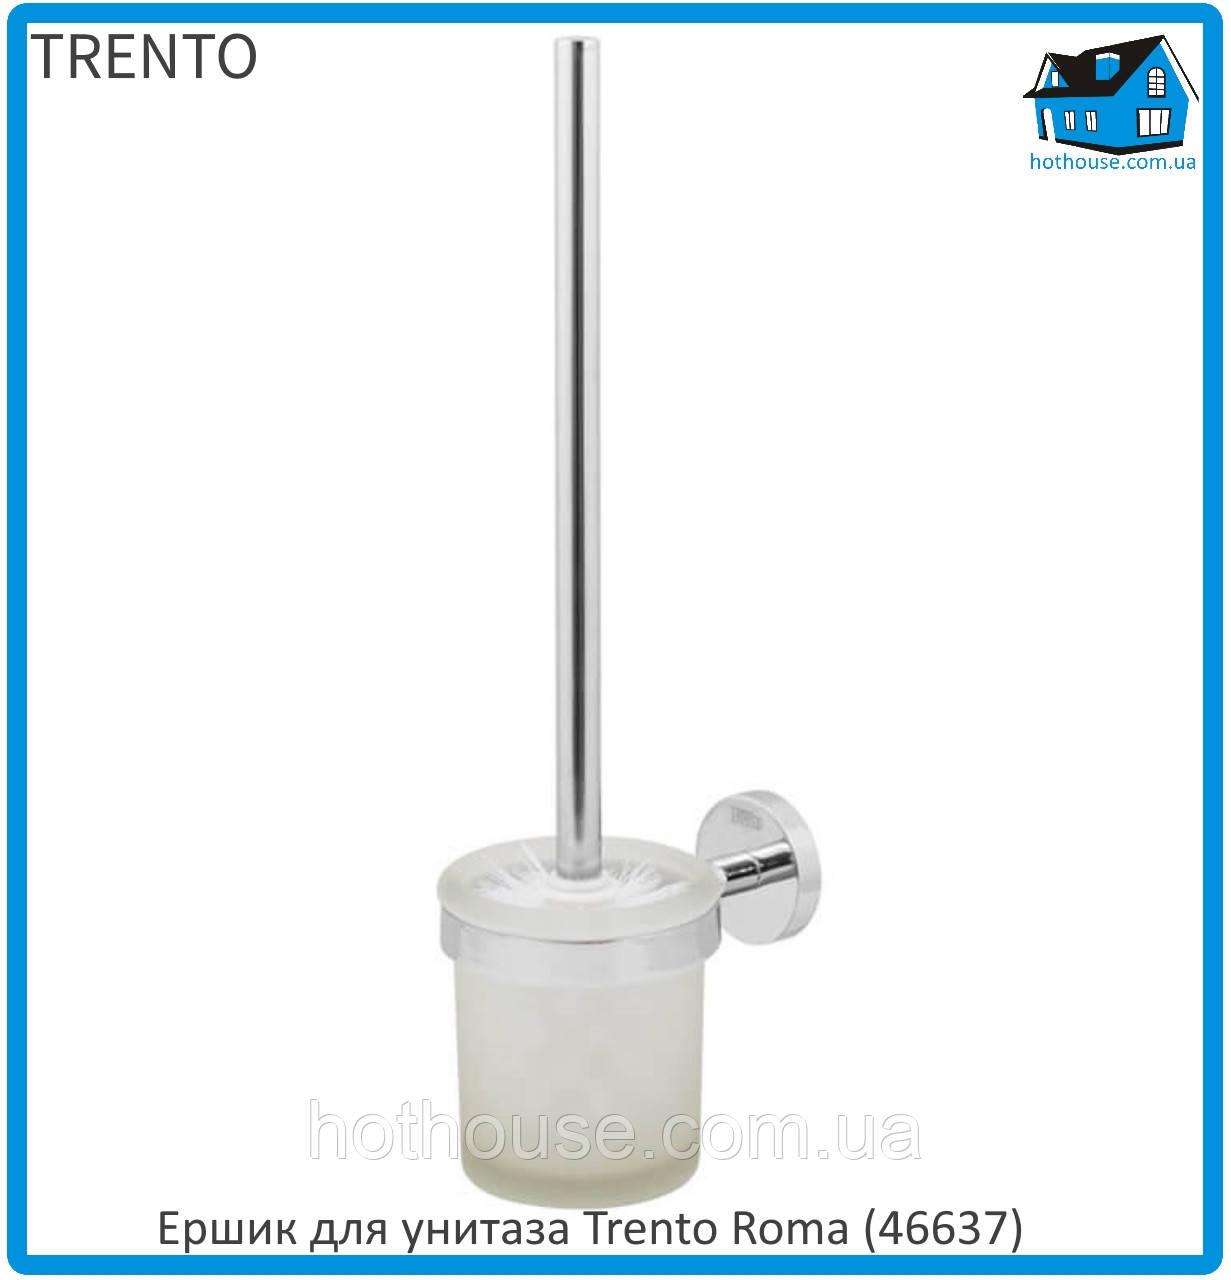 Йоршик для унітазу Trento Roma (46637)